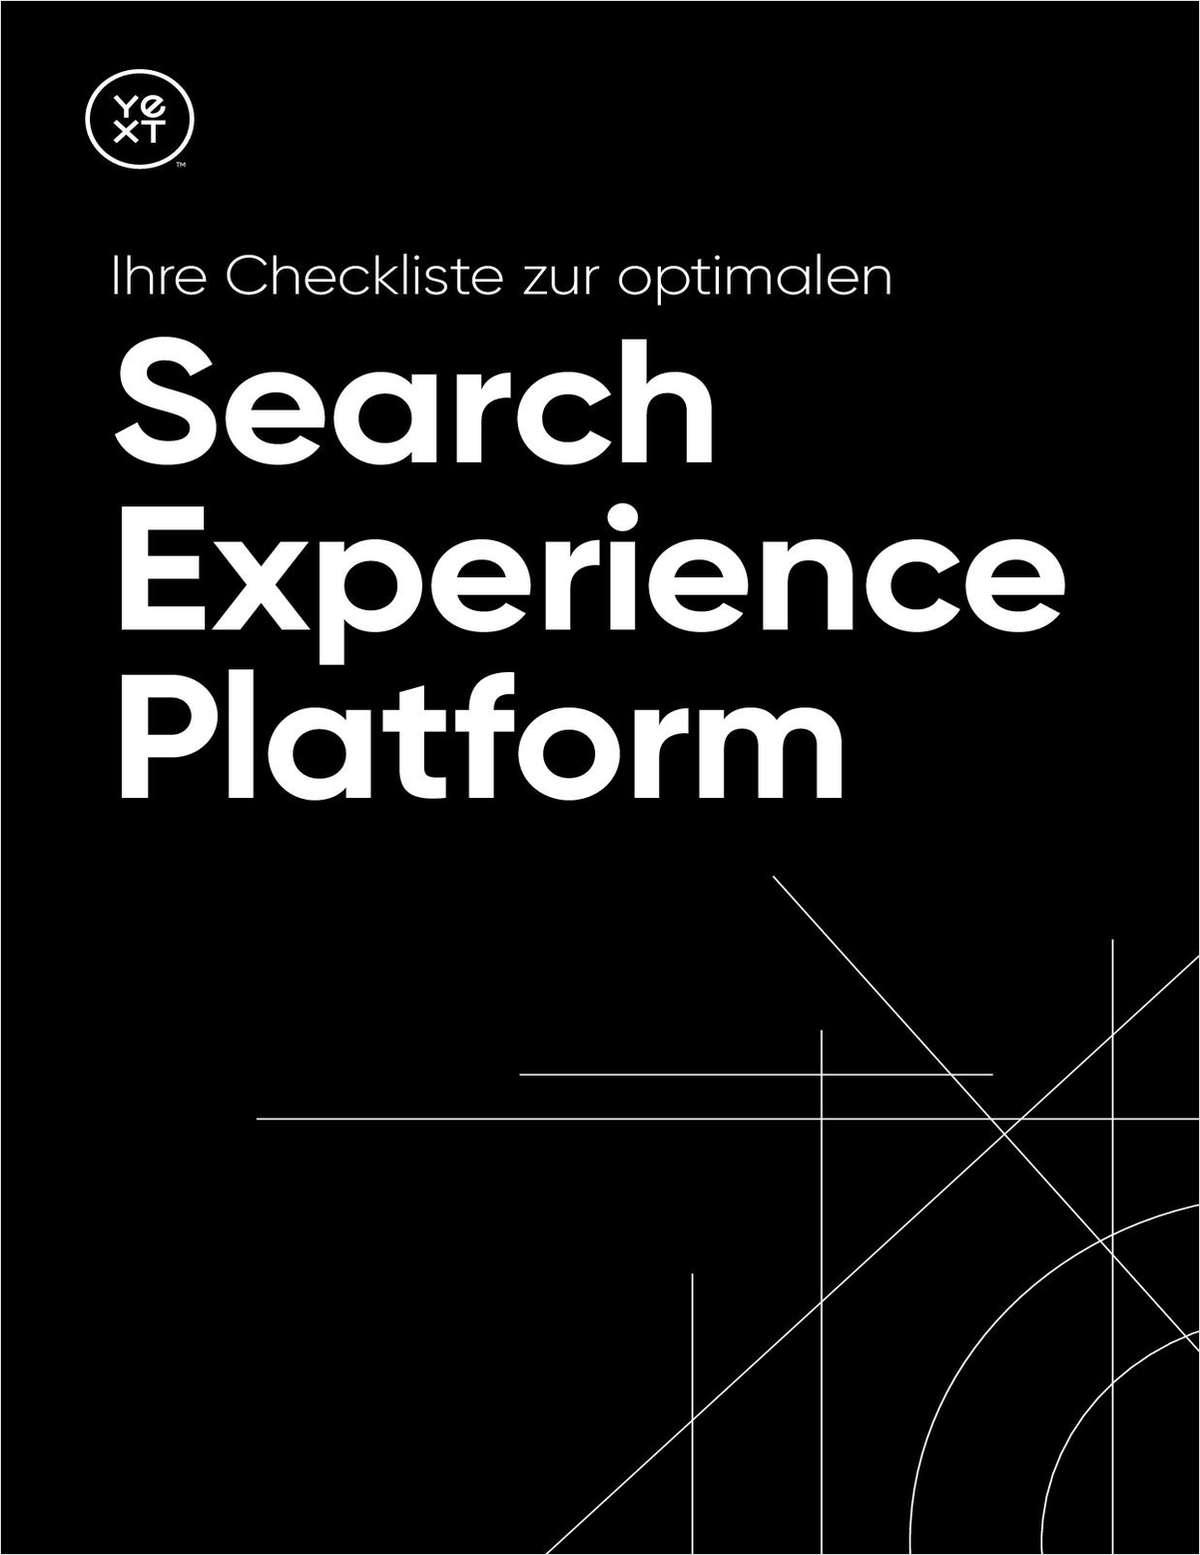 Ihre Checkliste zur optimalen Search Experience Platform